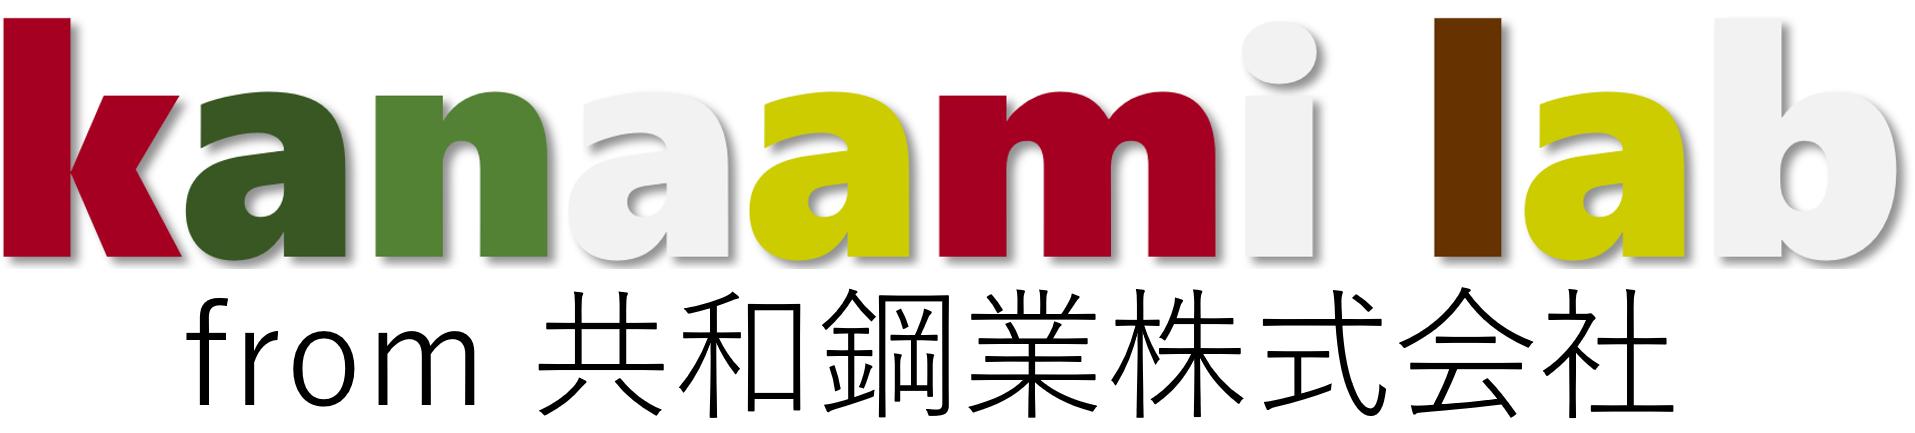 kanaami-lab